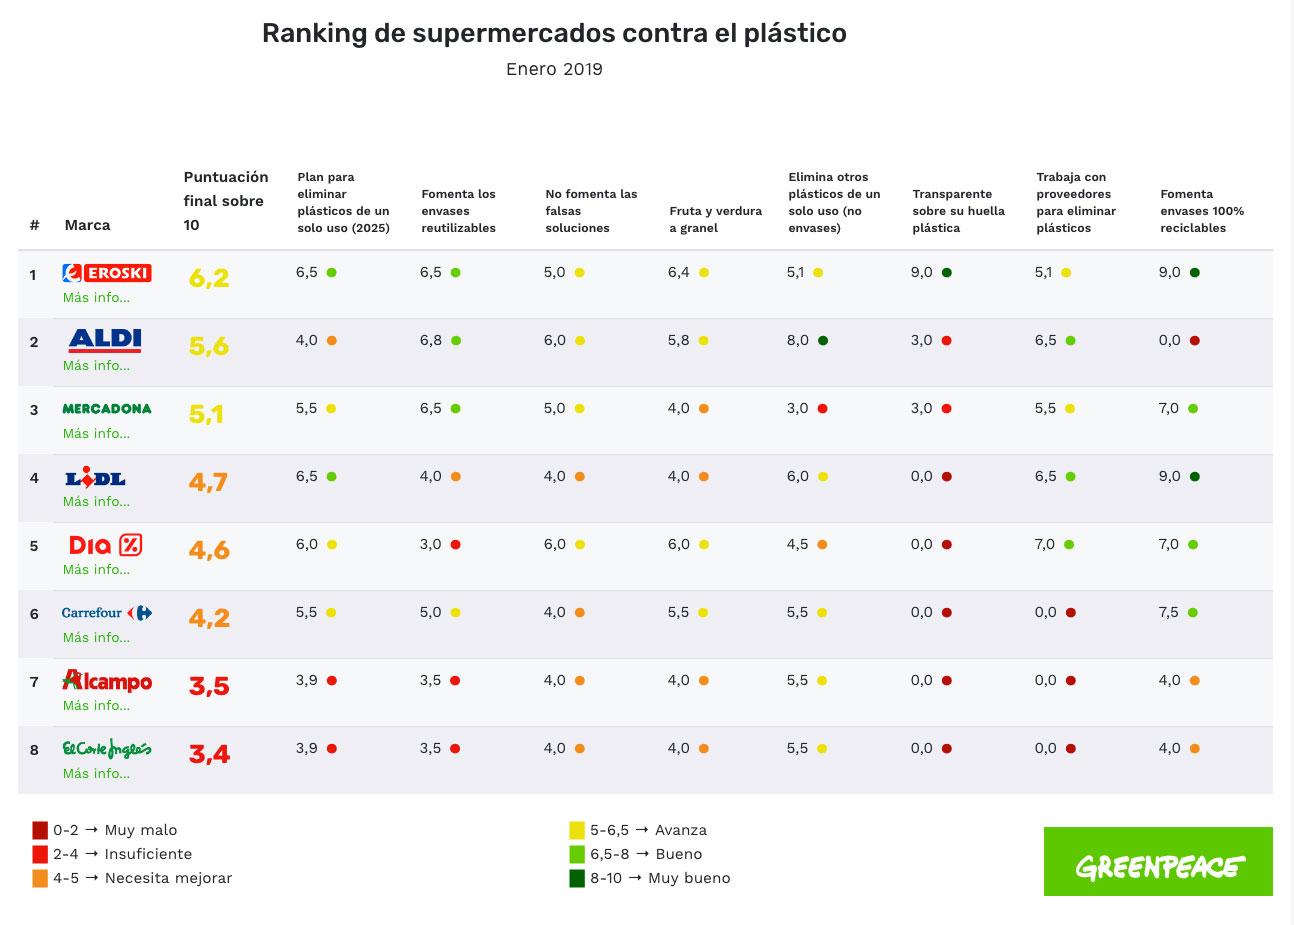 Ranking huella plástica supermercados plásticos alimentos estudio